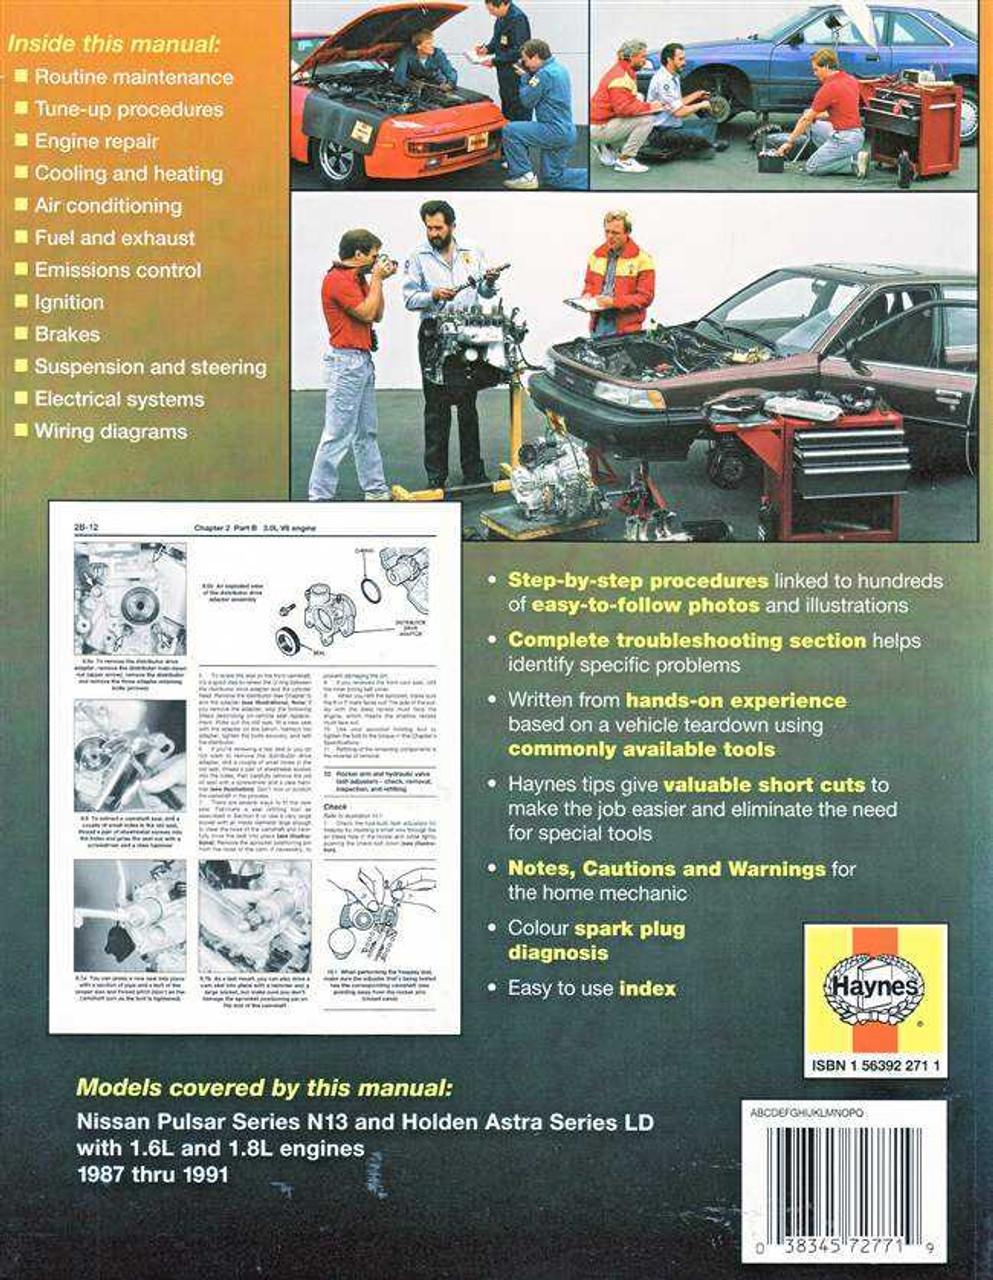 nissan pulsar amp holden astra 1987 1991 workshop manual rh automotobookshop com au 1988 Nissan Pulsar 1988 Nissan Pulsar